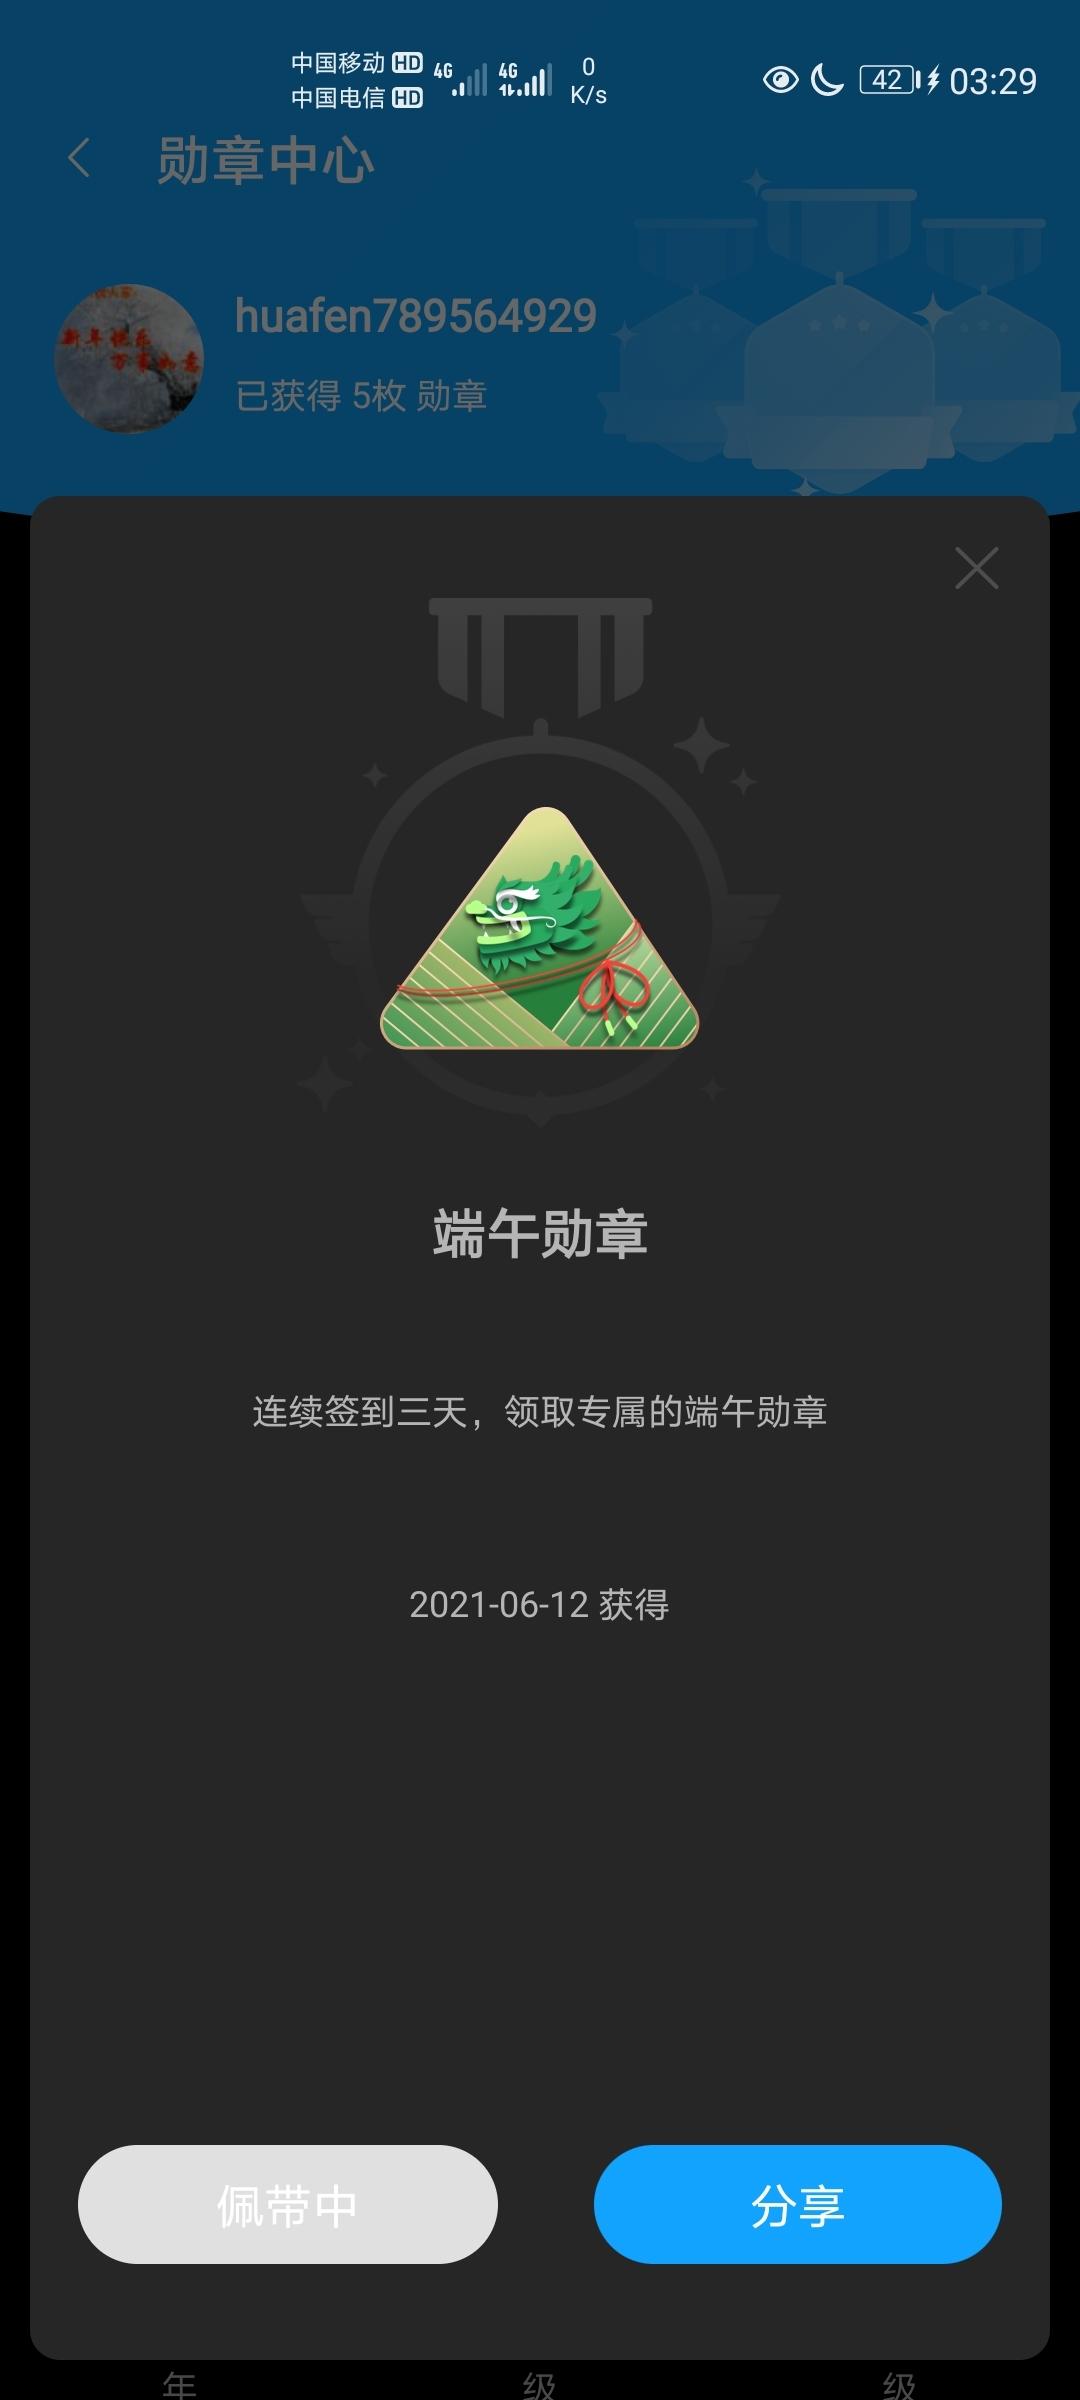 Screenshot_20210612_032928_com.huawei.fans.jpg